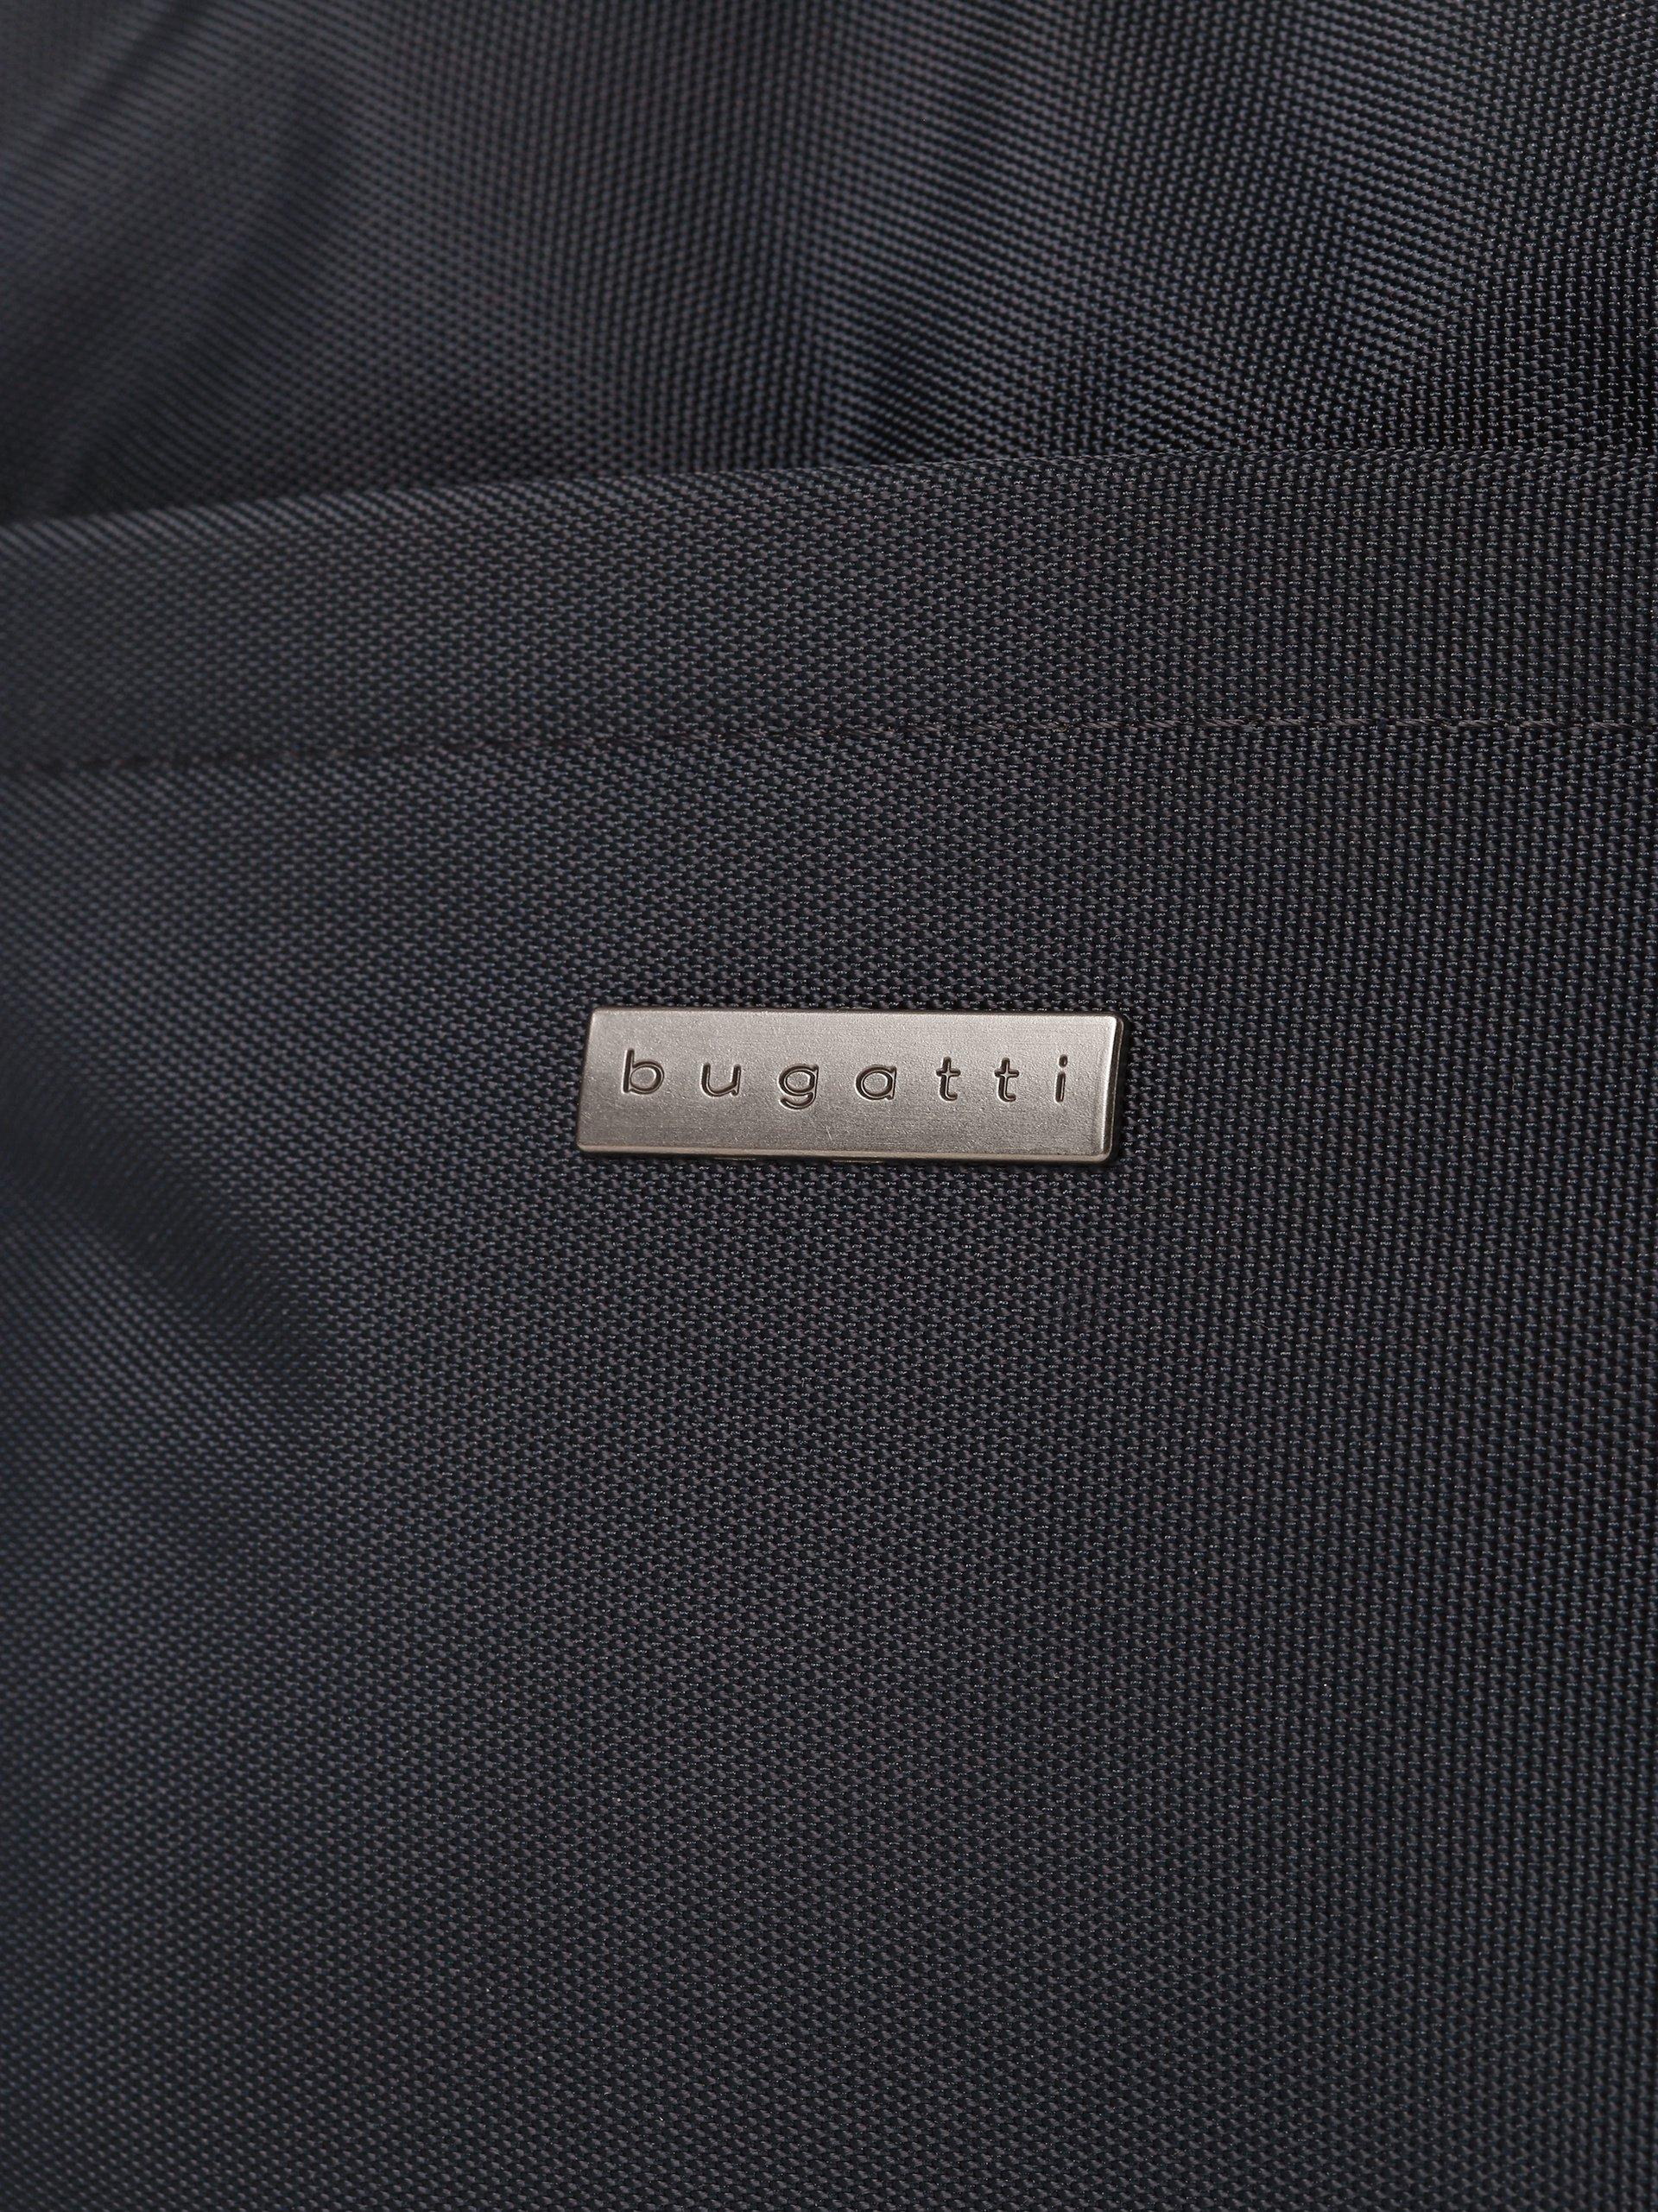 Bugatti Męska torebka na ramię